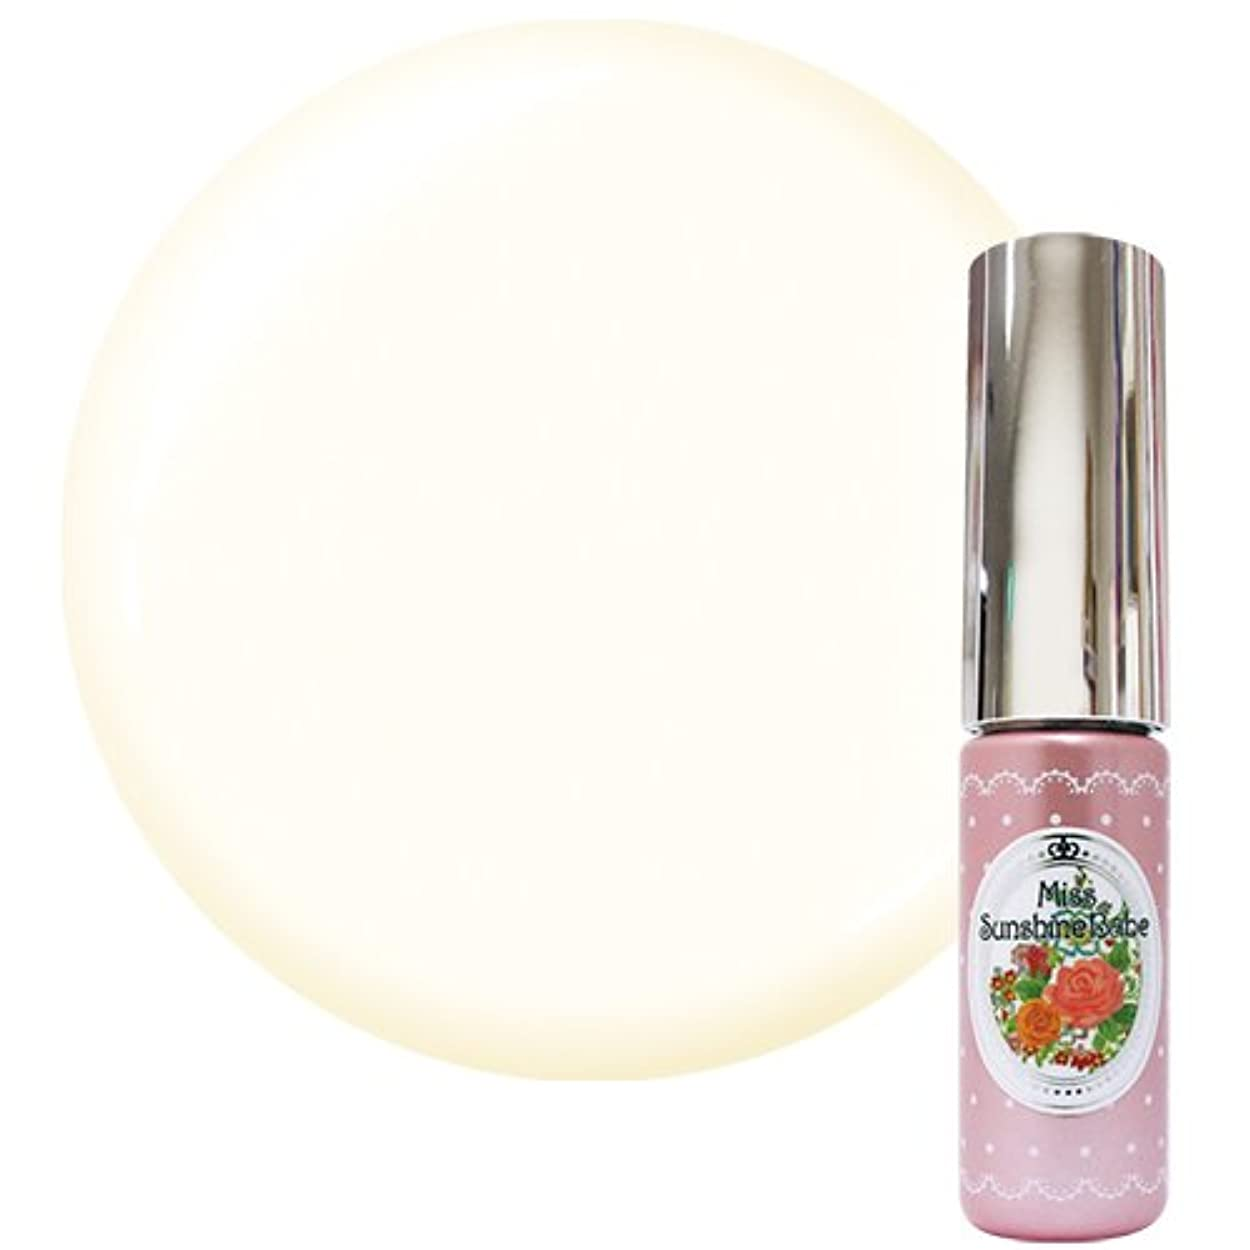 ワーカー経済欠如Miss SunshineBabe ミス サンシャインベビー カラージェル MC-30 5g ココナッツティー UV/LED対応